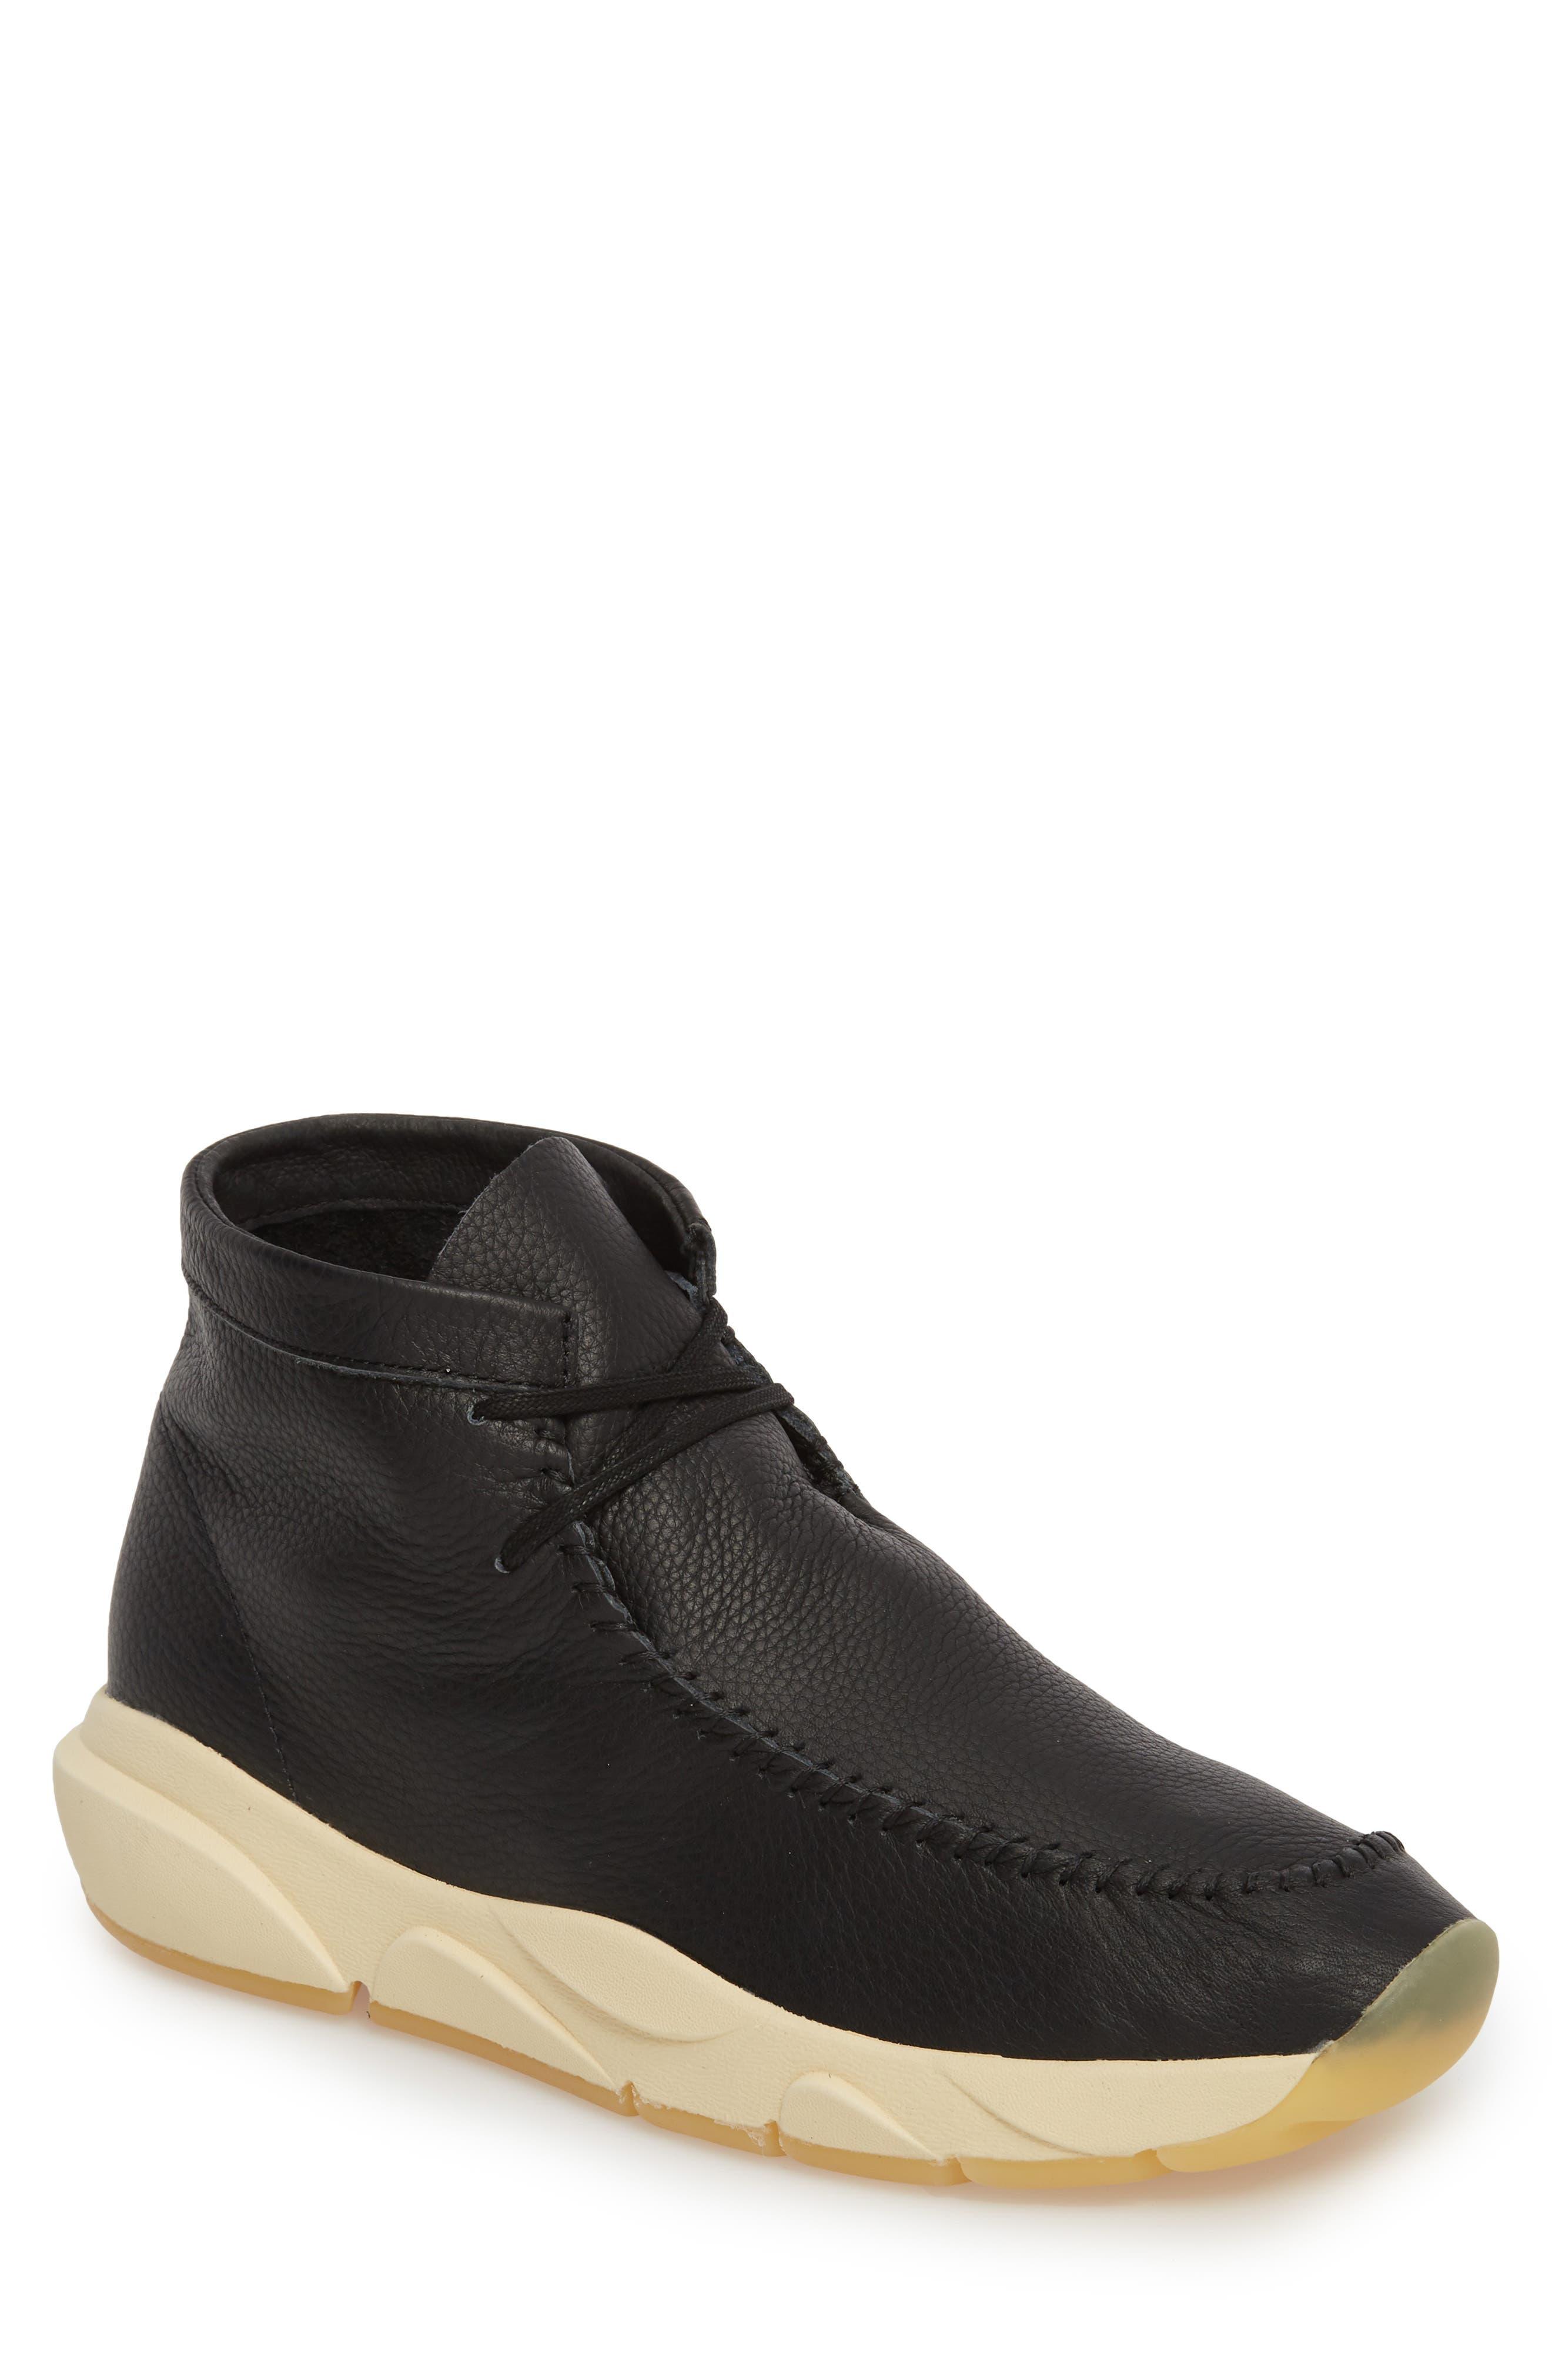 Castas Asymmetrical Chukka Sneaker,                         Main,                         color,